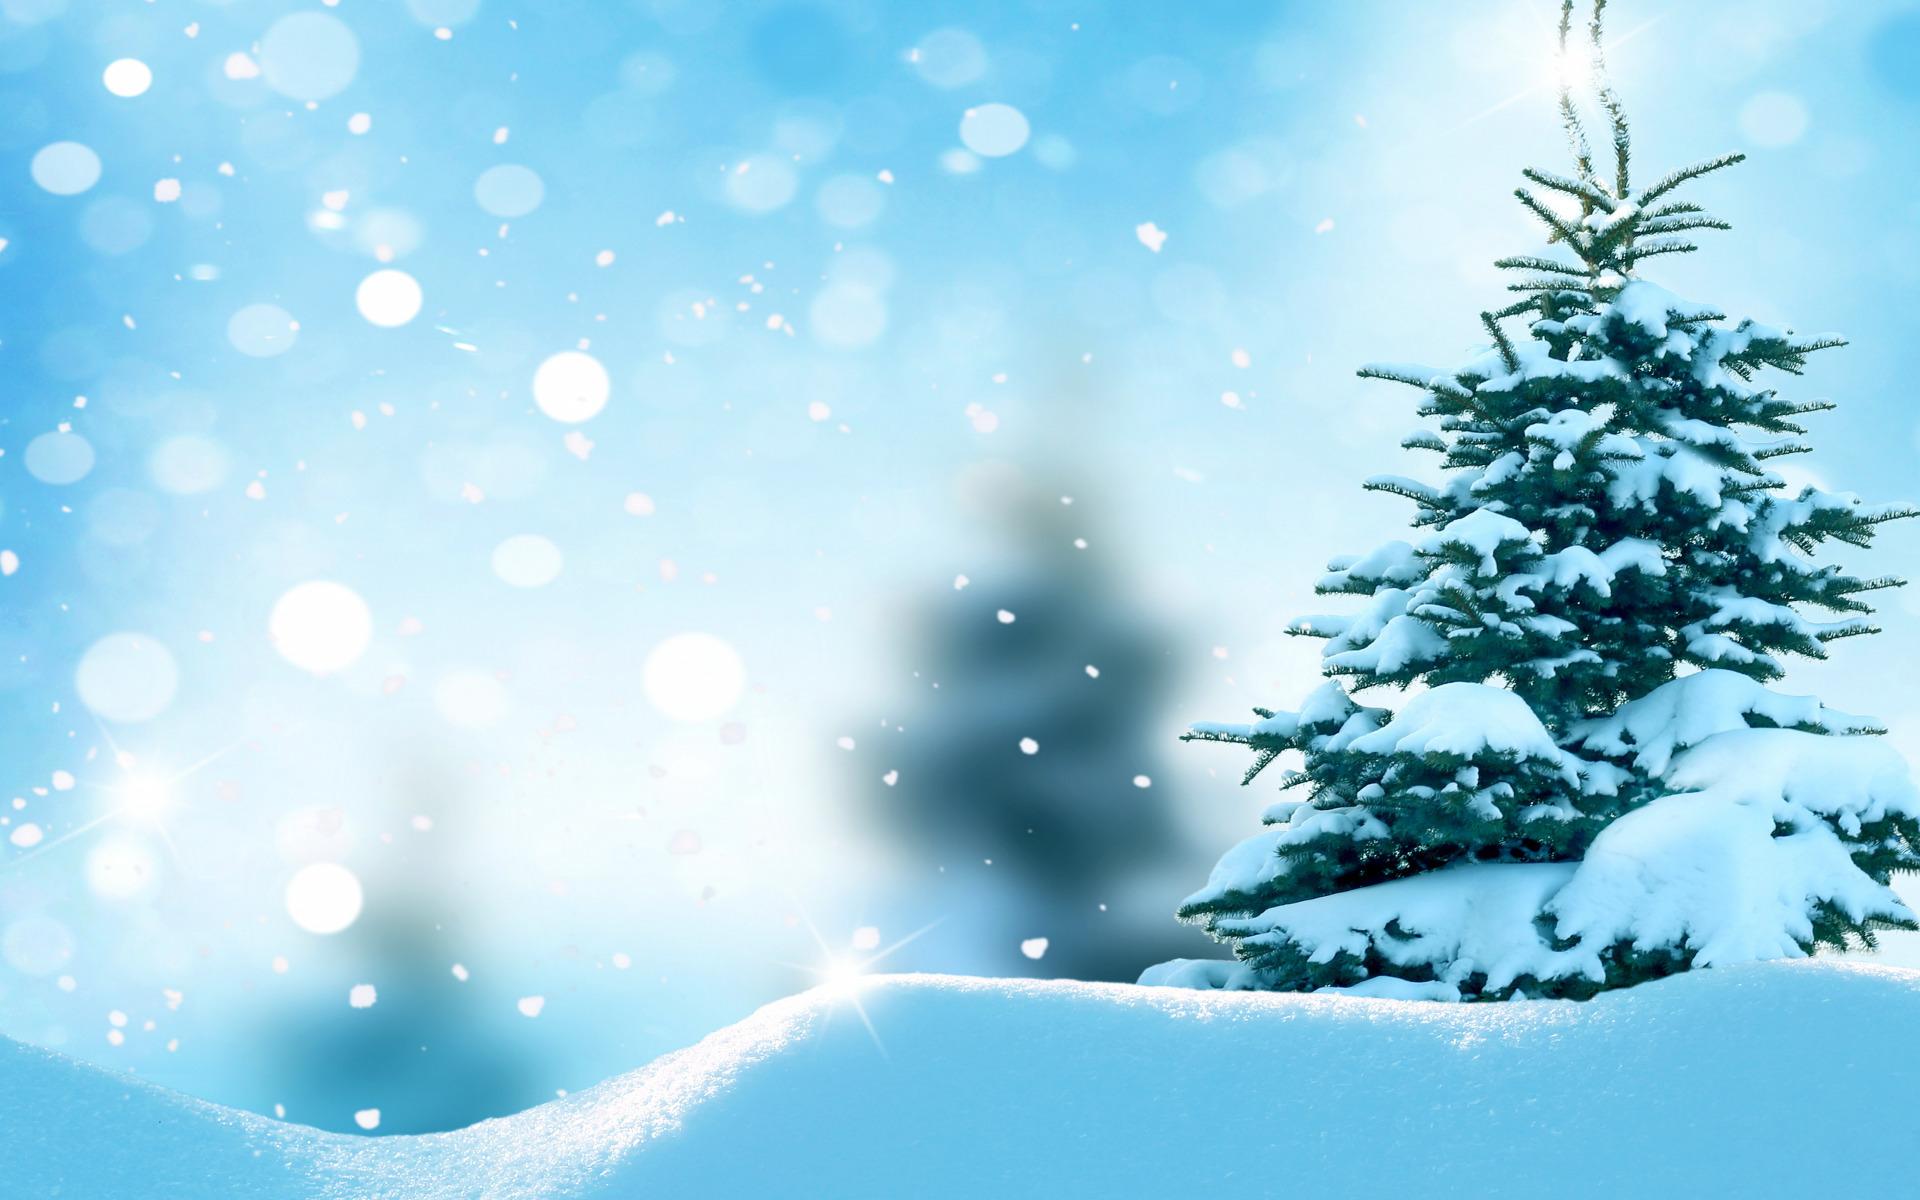 Картинка: Зима, снег, лес, ёлка, боке